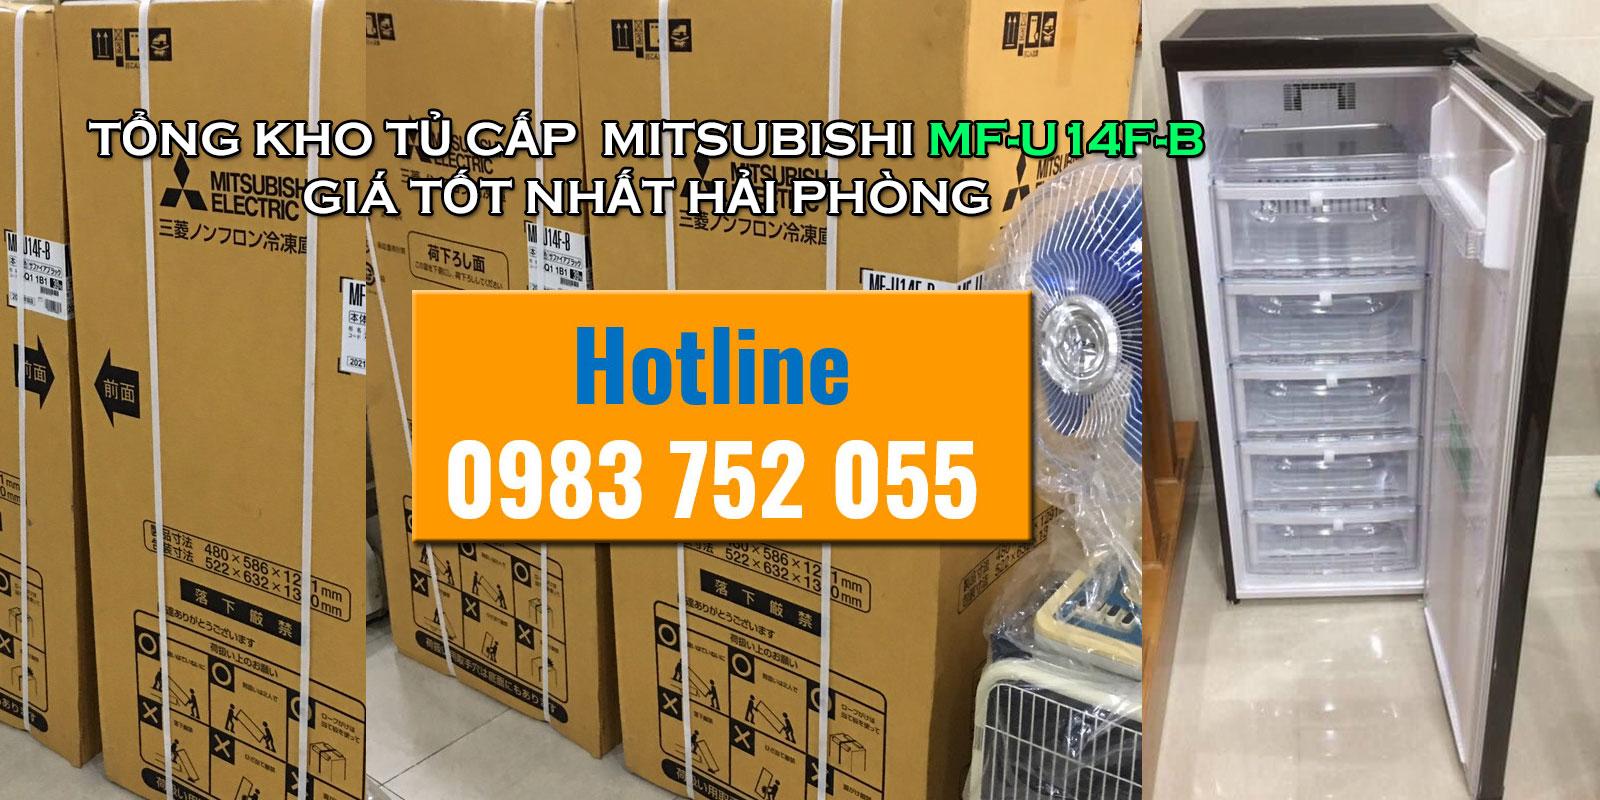 Tong kho tu cap dong noi dia nhat Mitsubishi MF-U14F-B